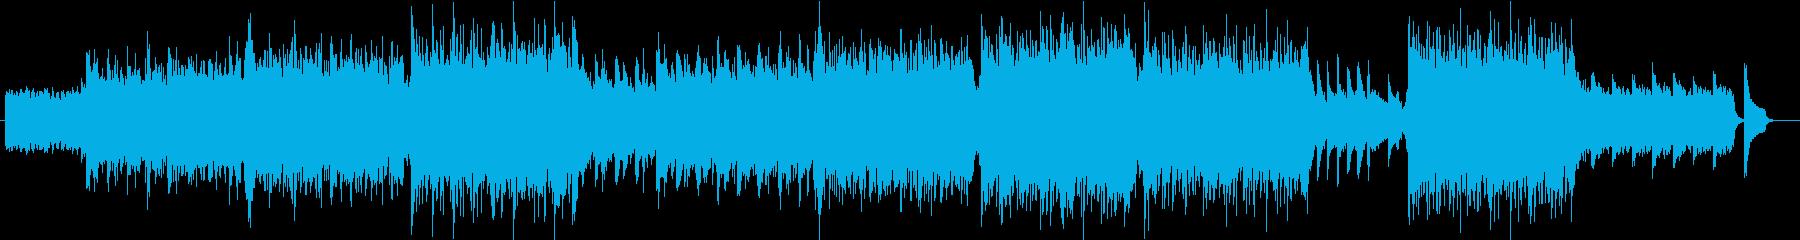 流麗で感動的モダンクラシカルオーケストラの再生済みの波形